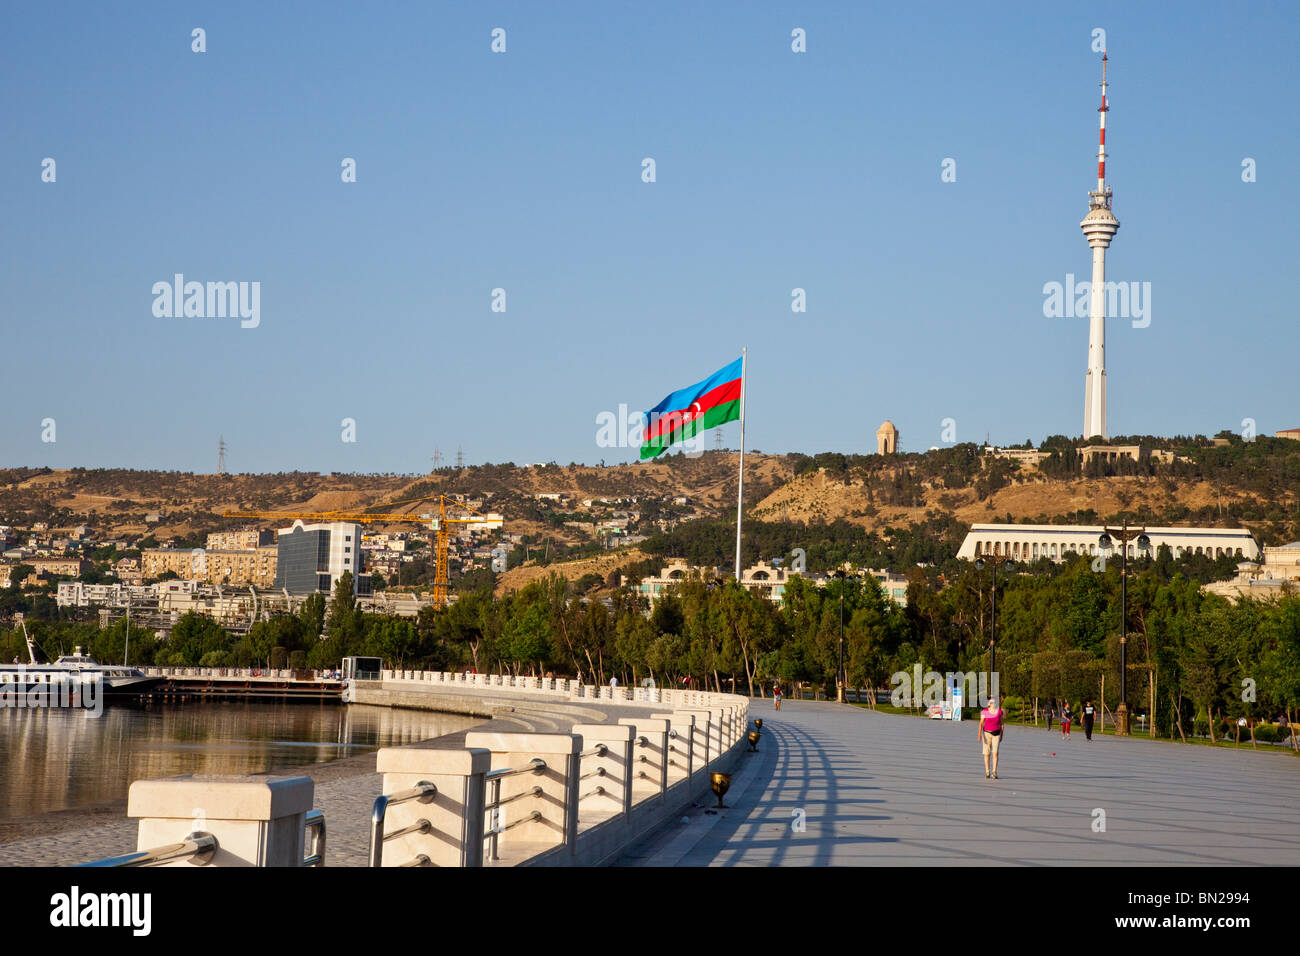 Baku Boulevard, Baku, Azerbaijan - Stock Image